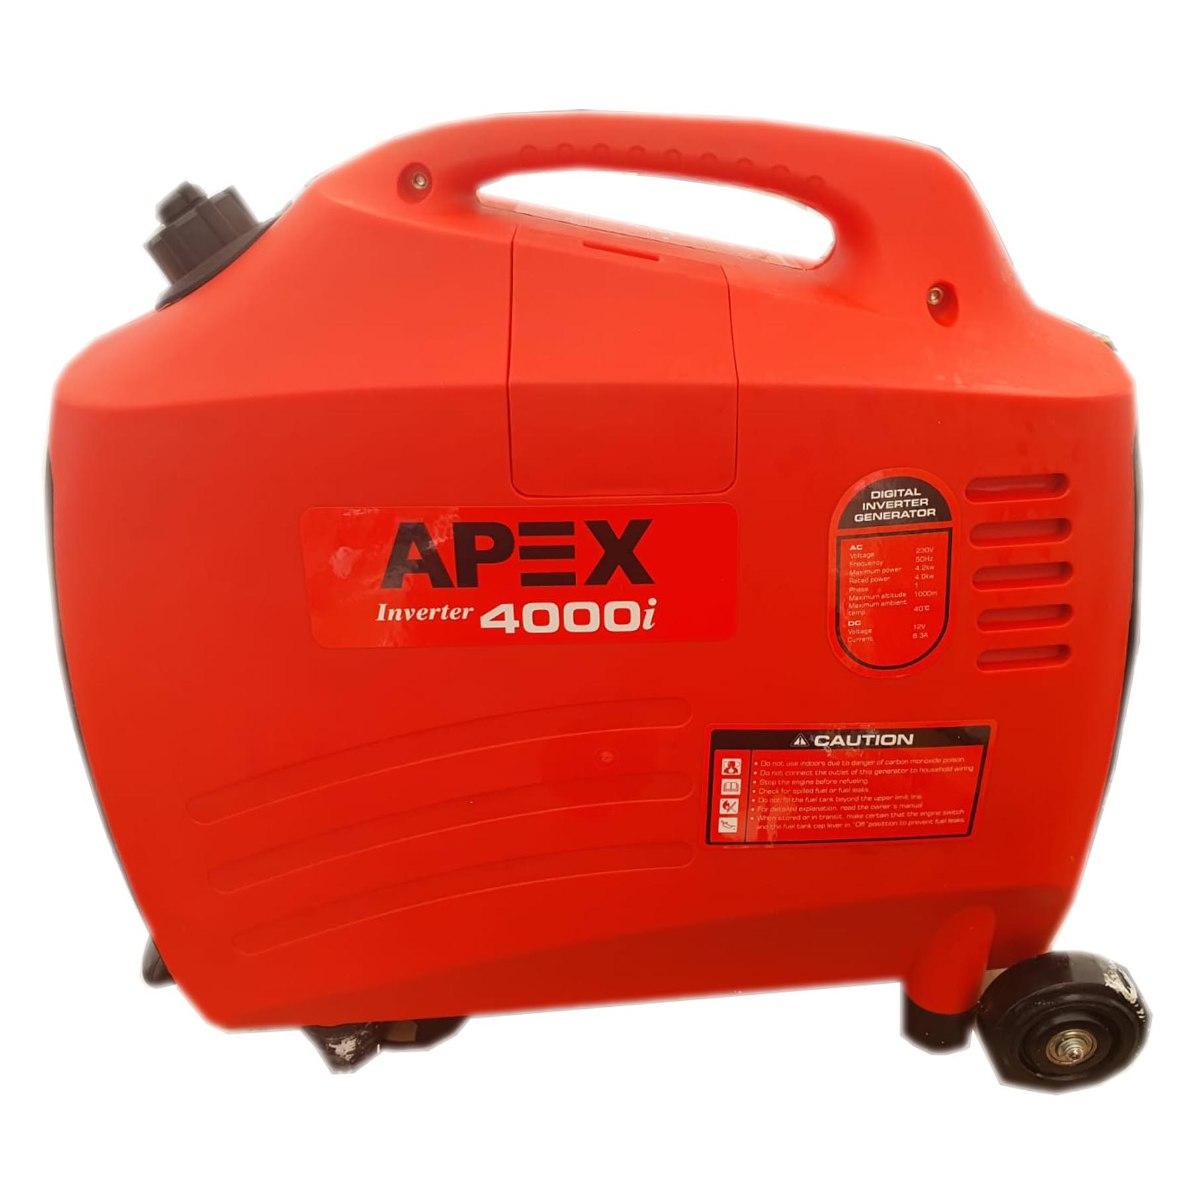 גנרטור מושתק אינוורטר בנזין 4200W חברת APEX